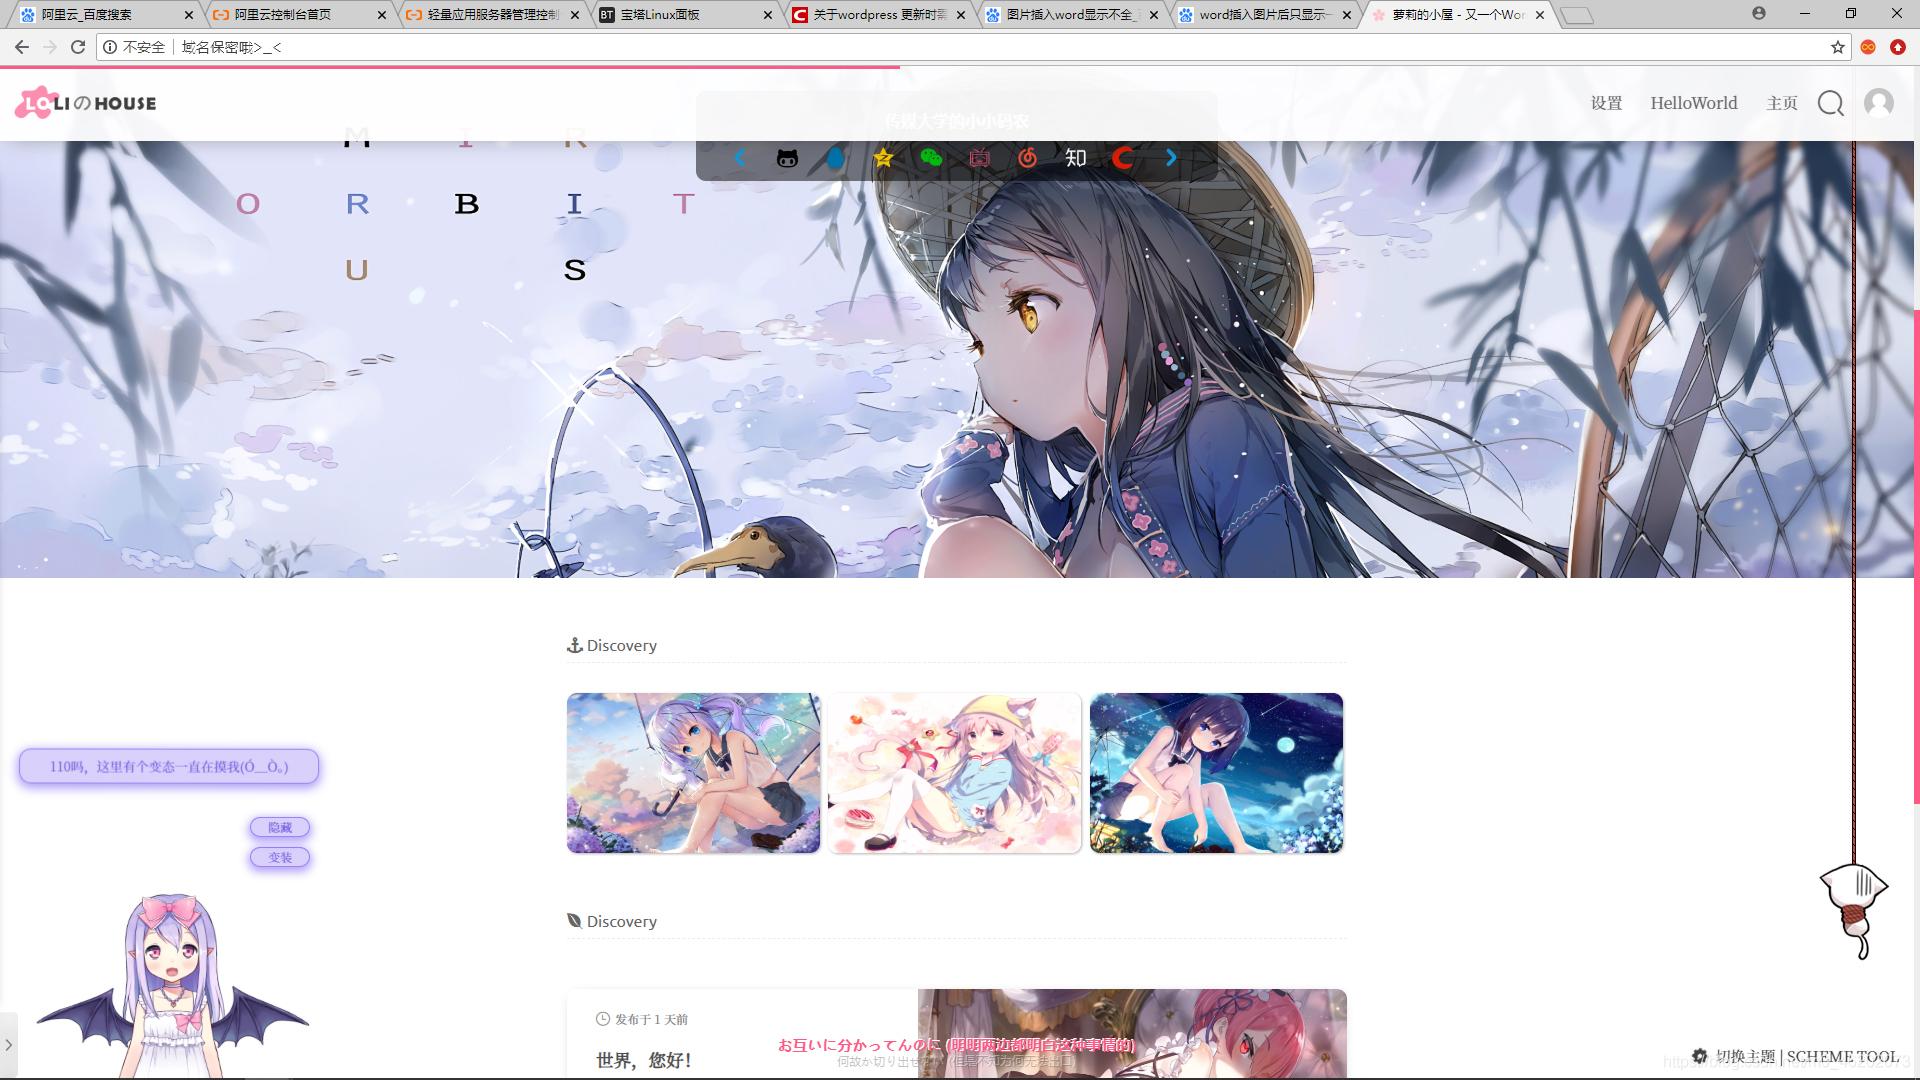 【Wordpress建站】Sakura主题的使用、美化与避雷插图(1)